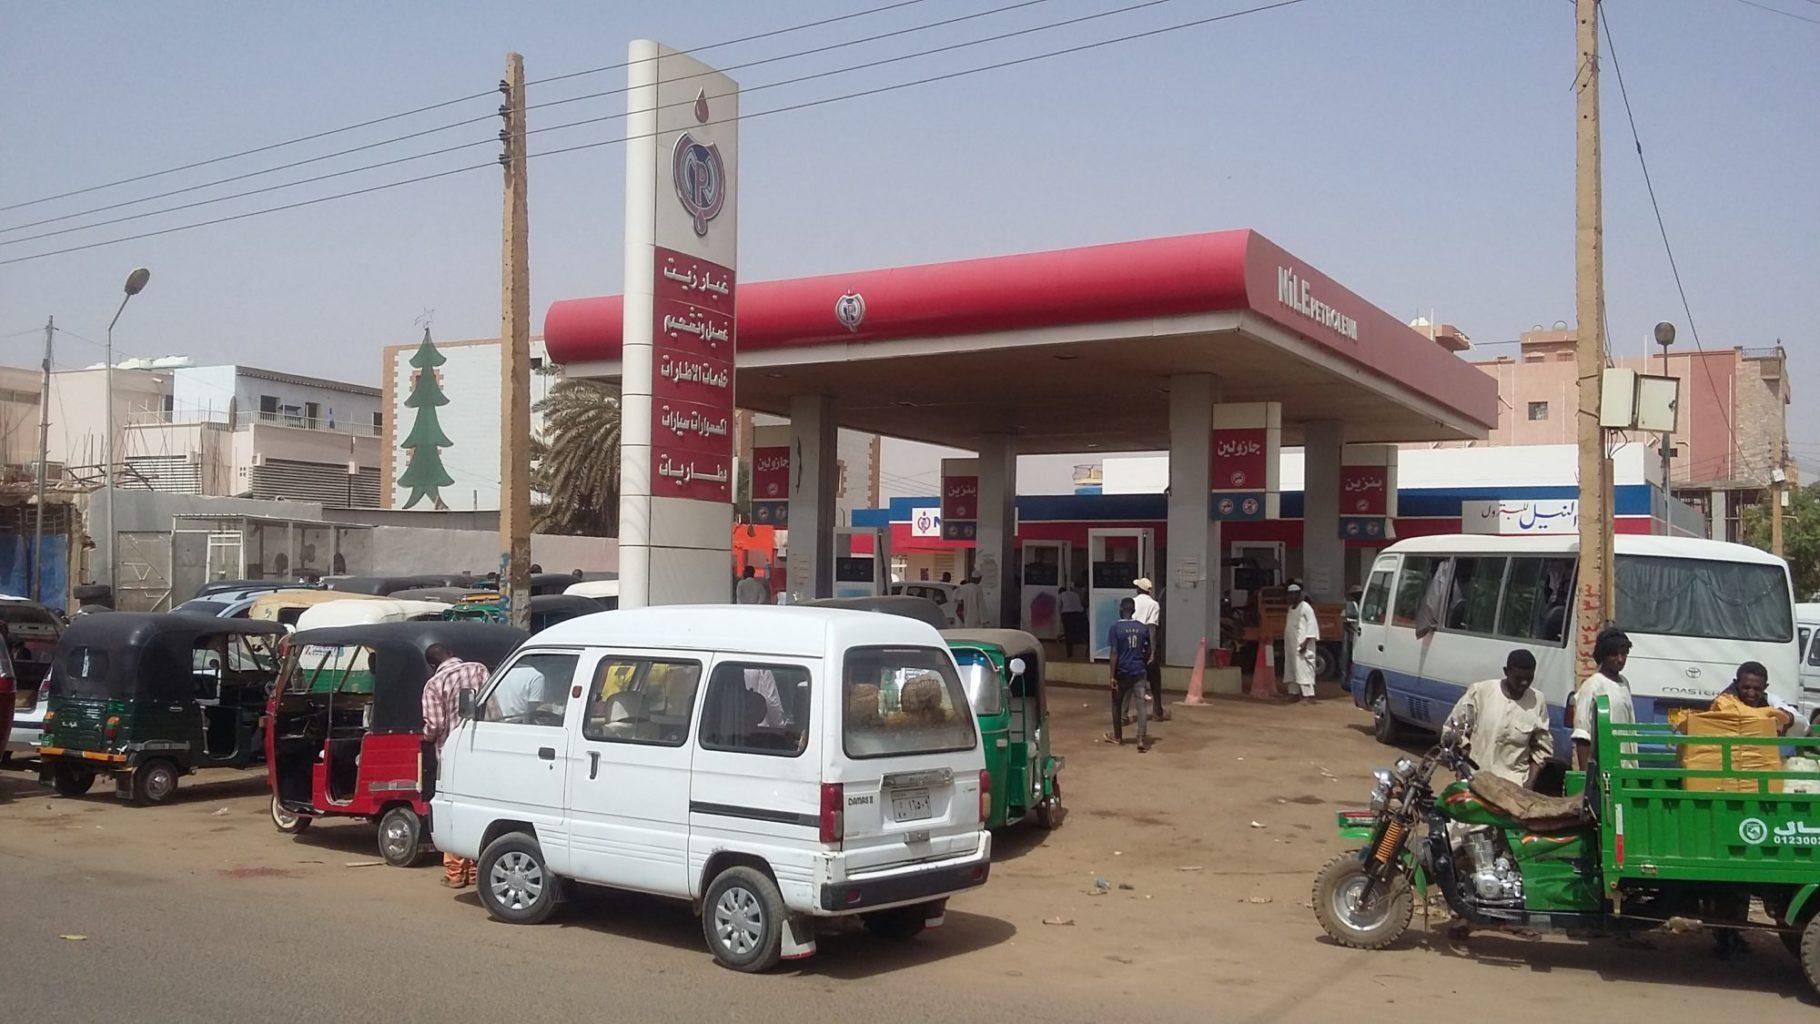 محطة وقود في العاصمة السودانية الخرطوم - أسعار الوفود